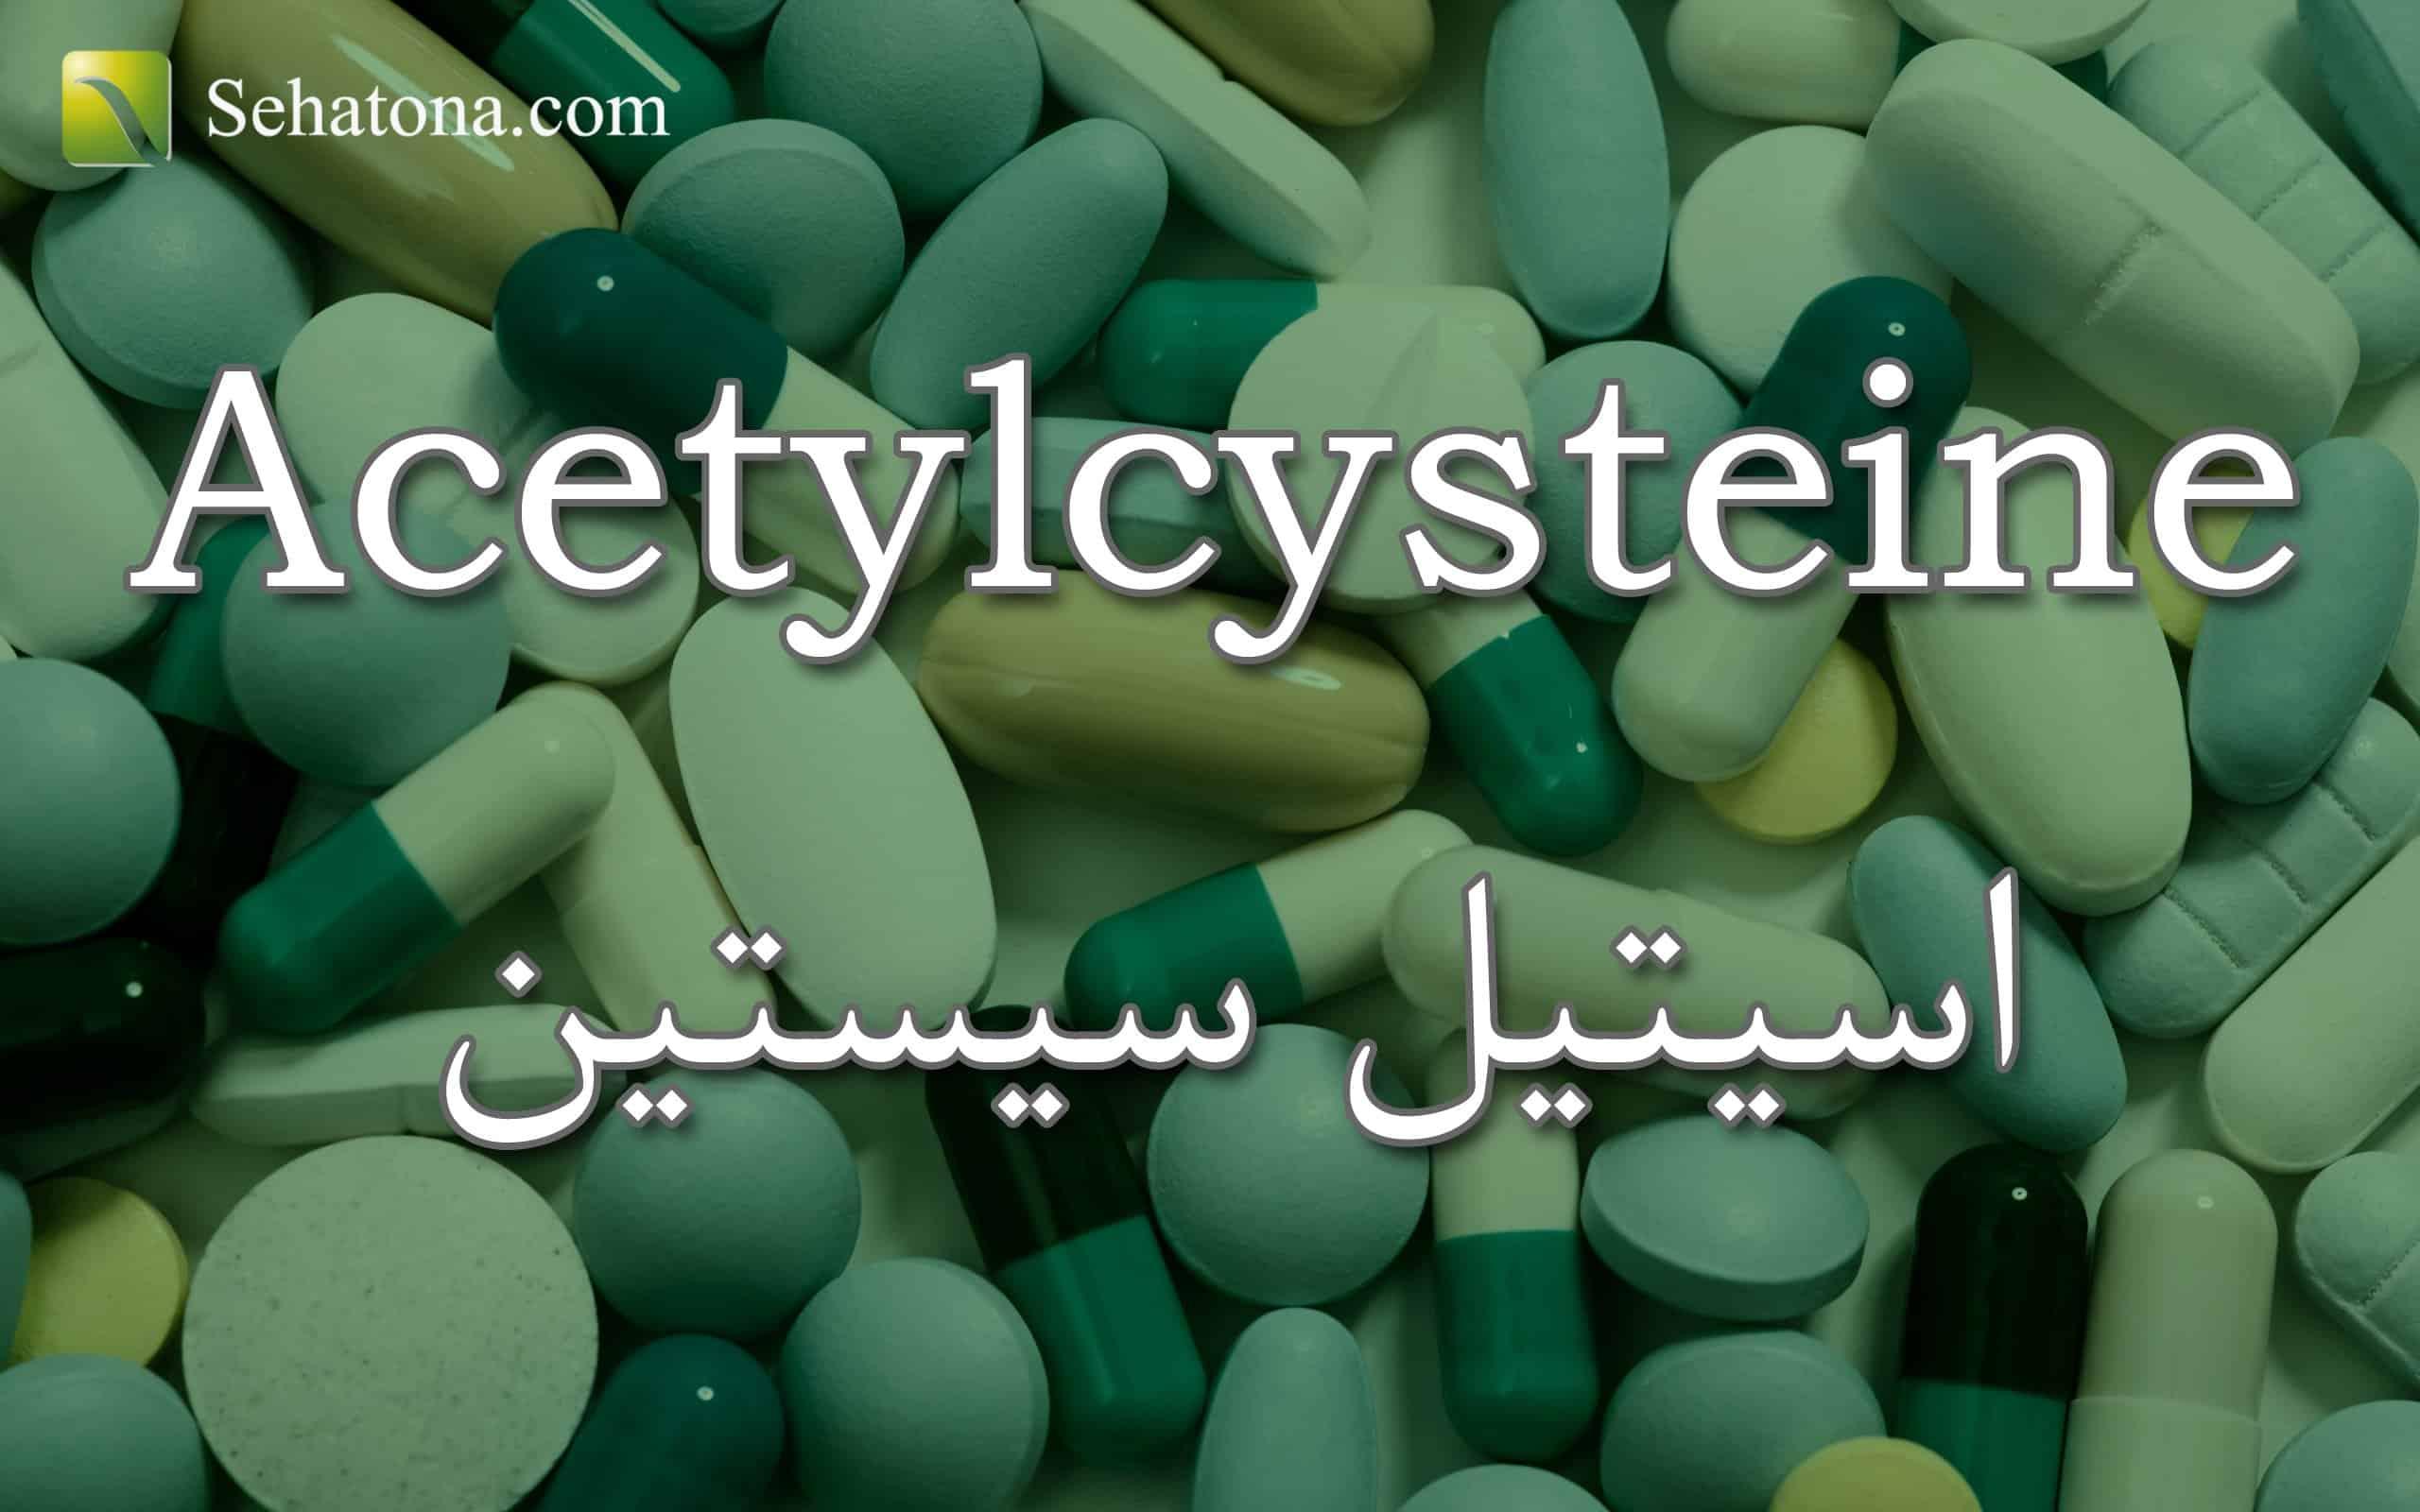 Acetylcysteine